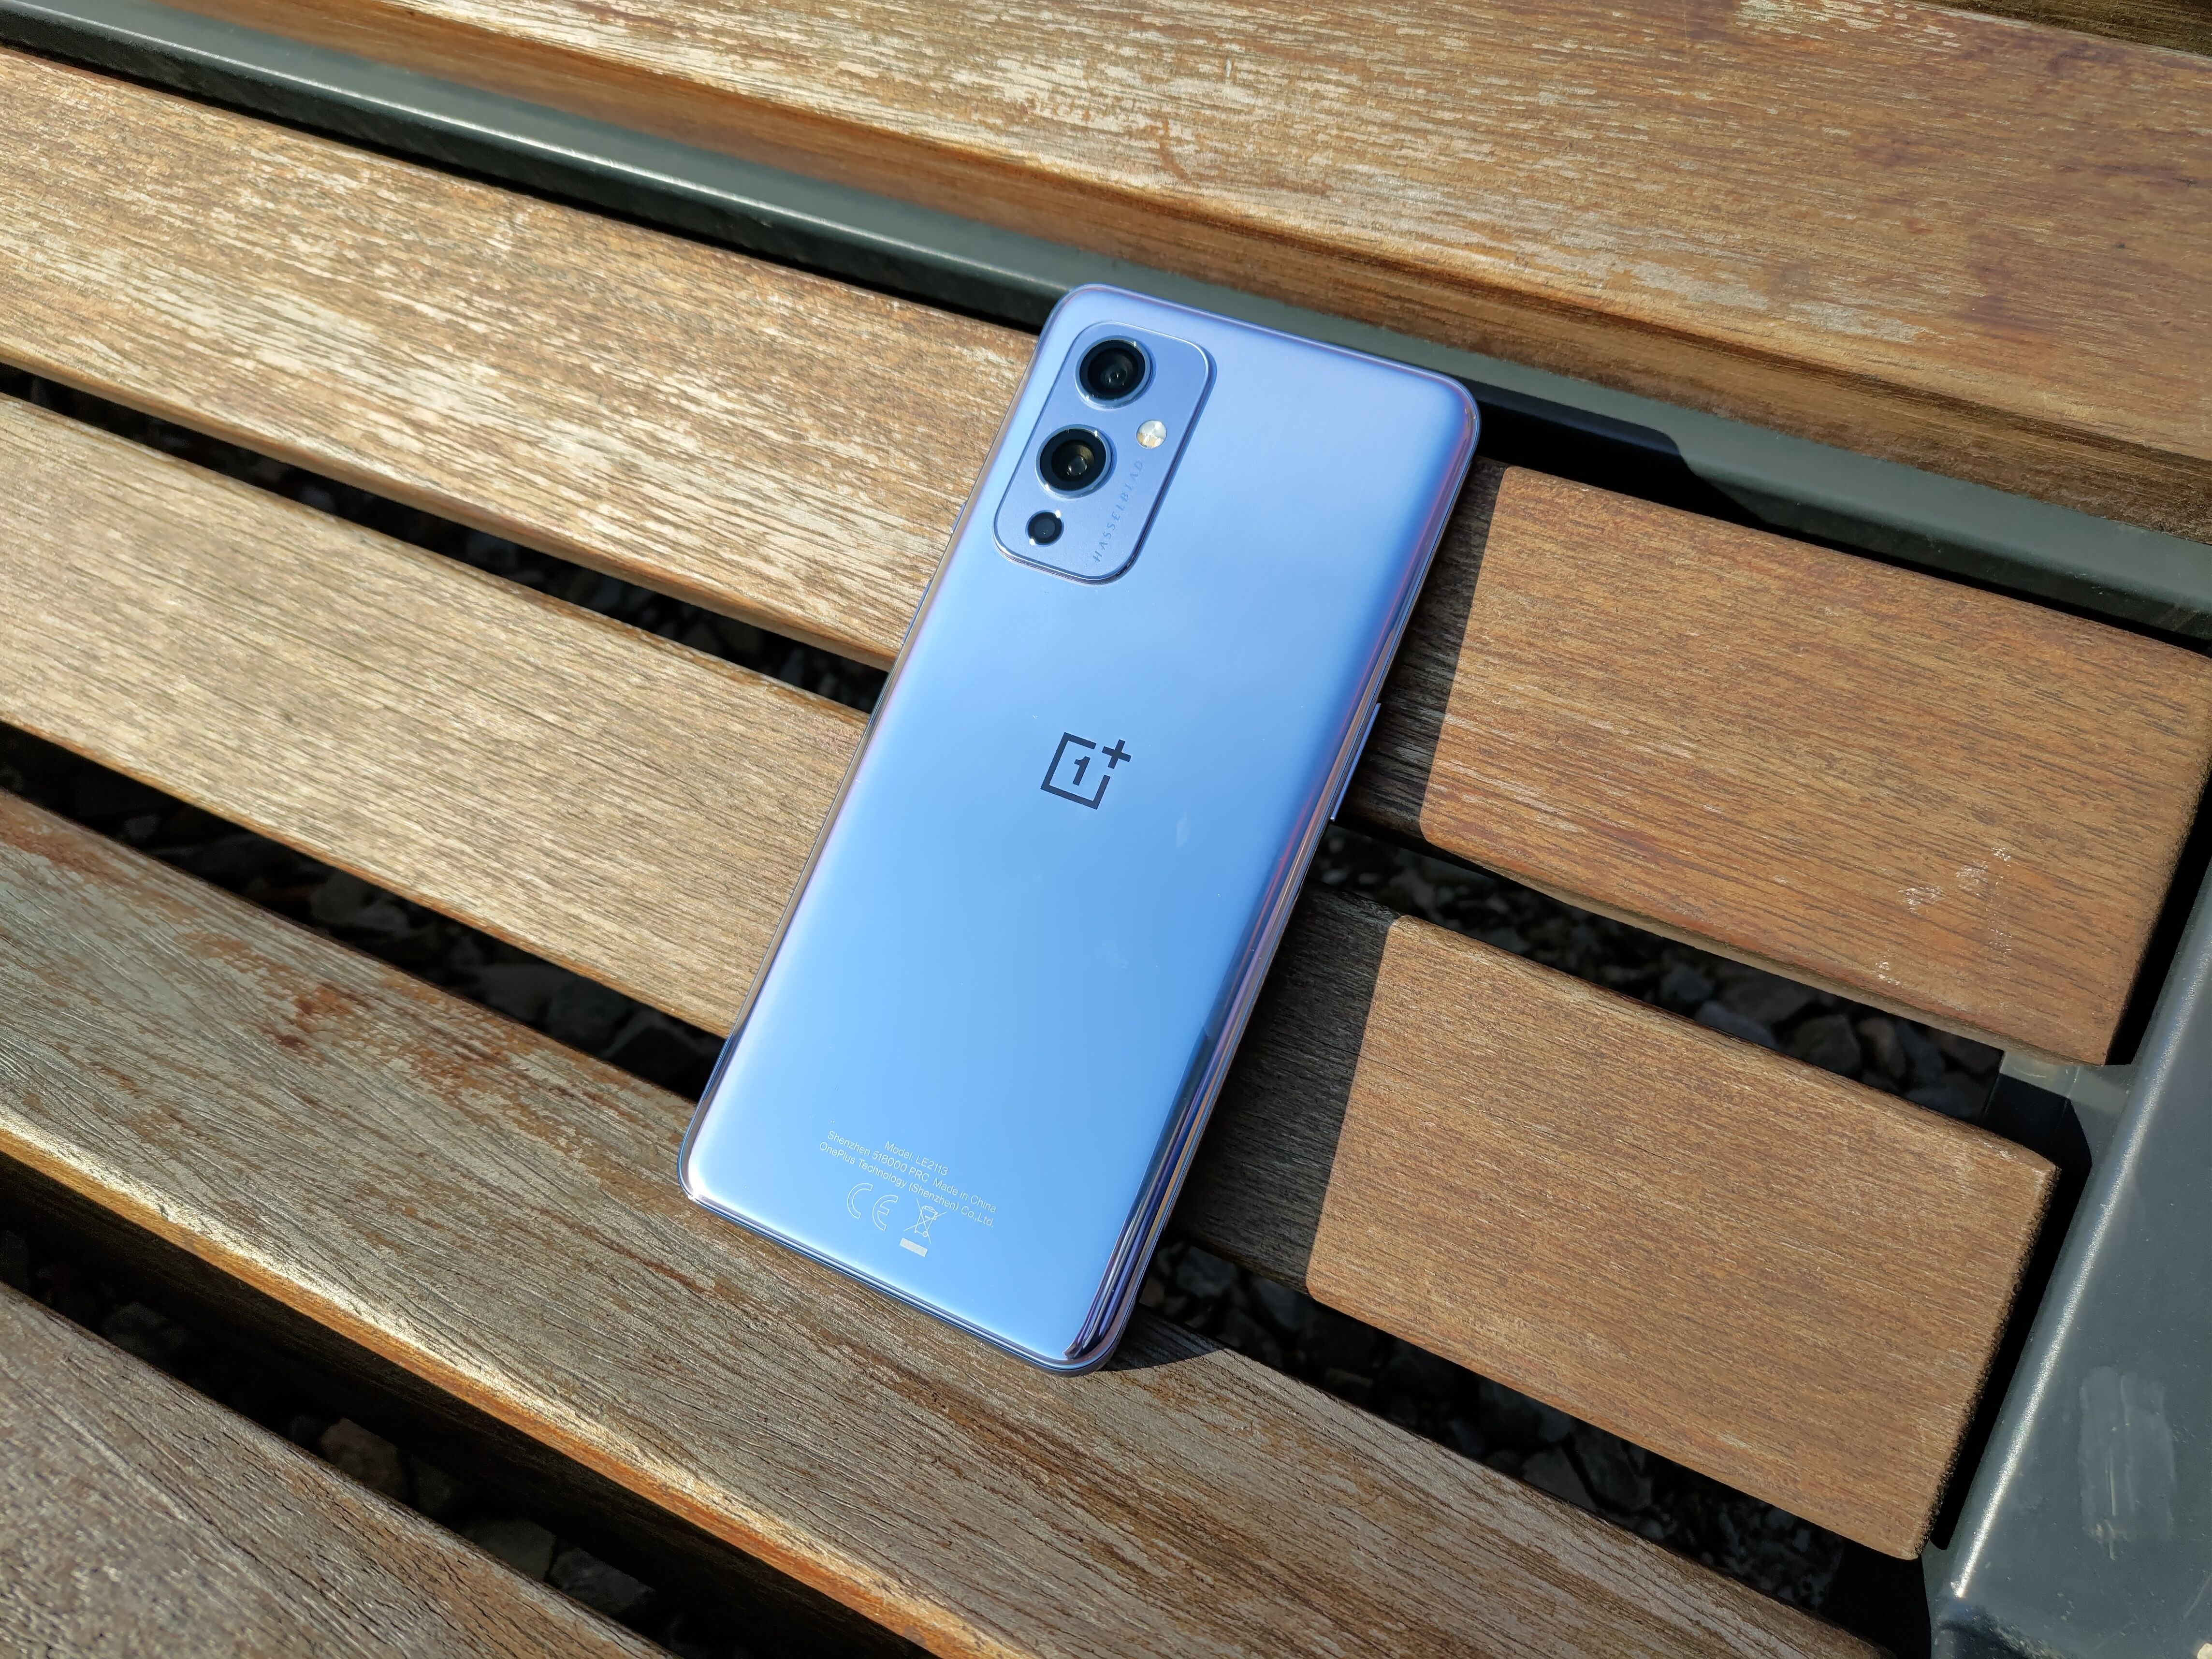 Recenzja OnePlus 9 5G - Tył urządzenia - fot. Tabletowo.pl